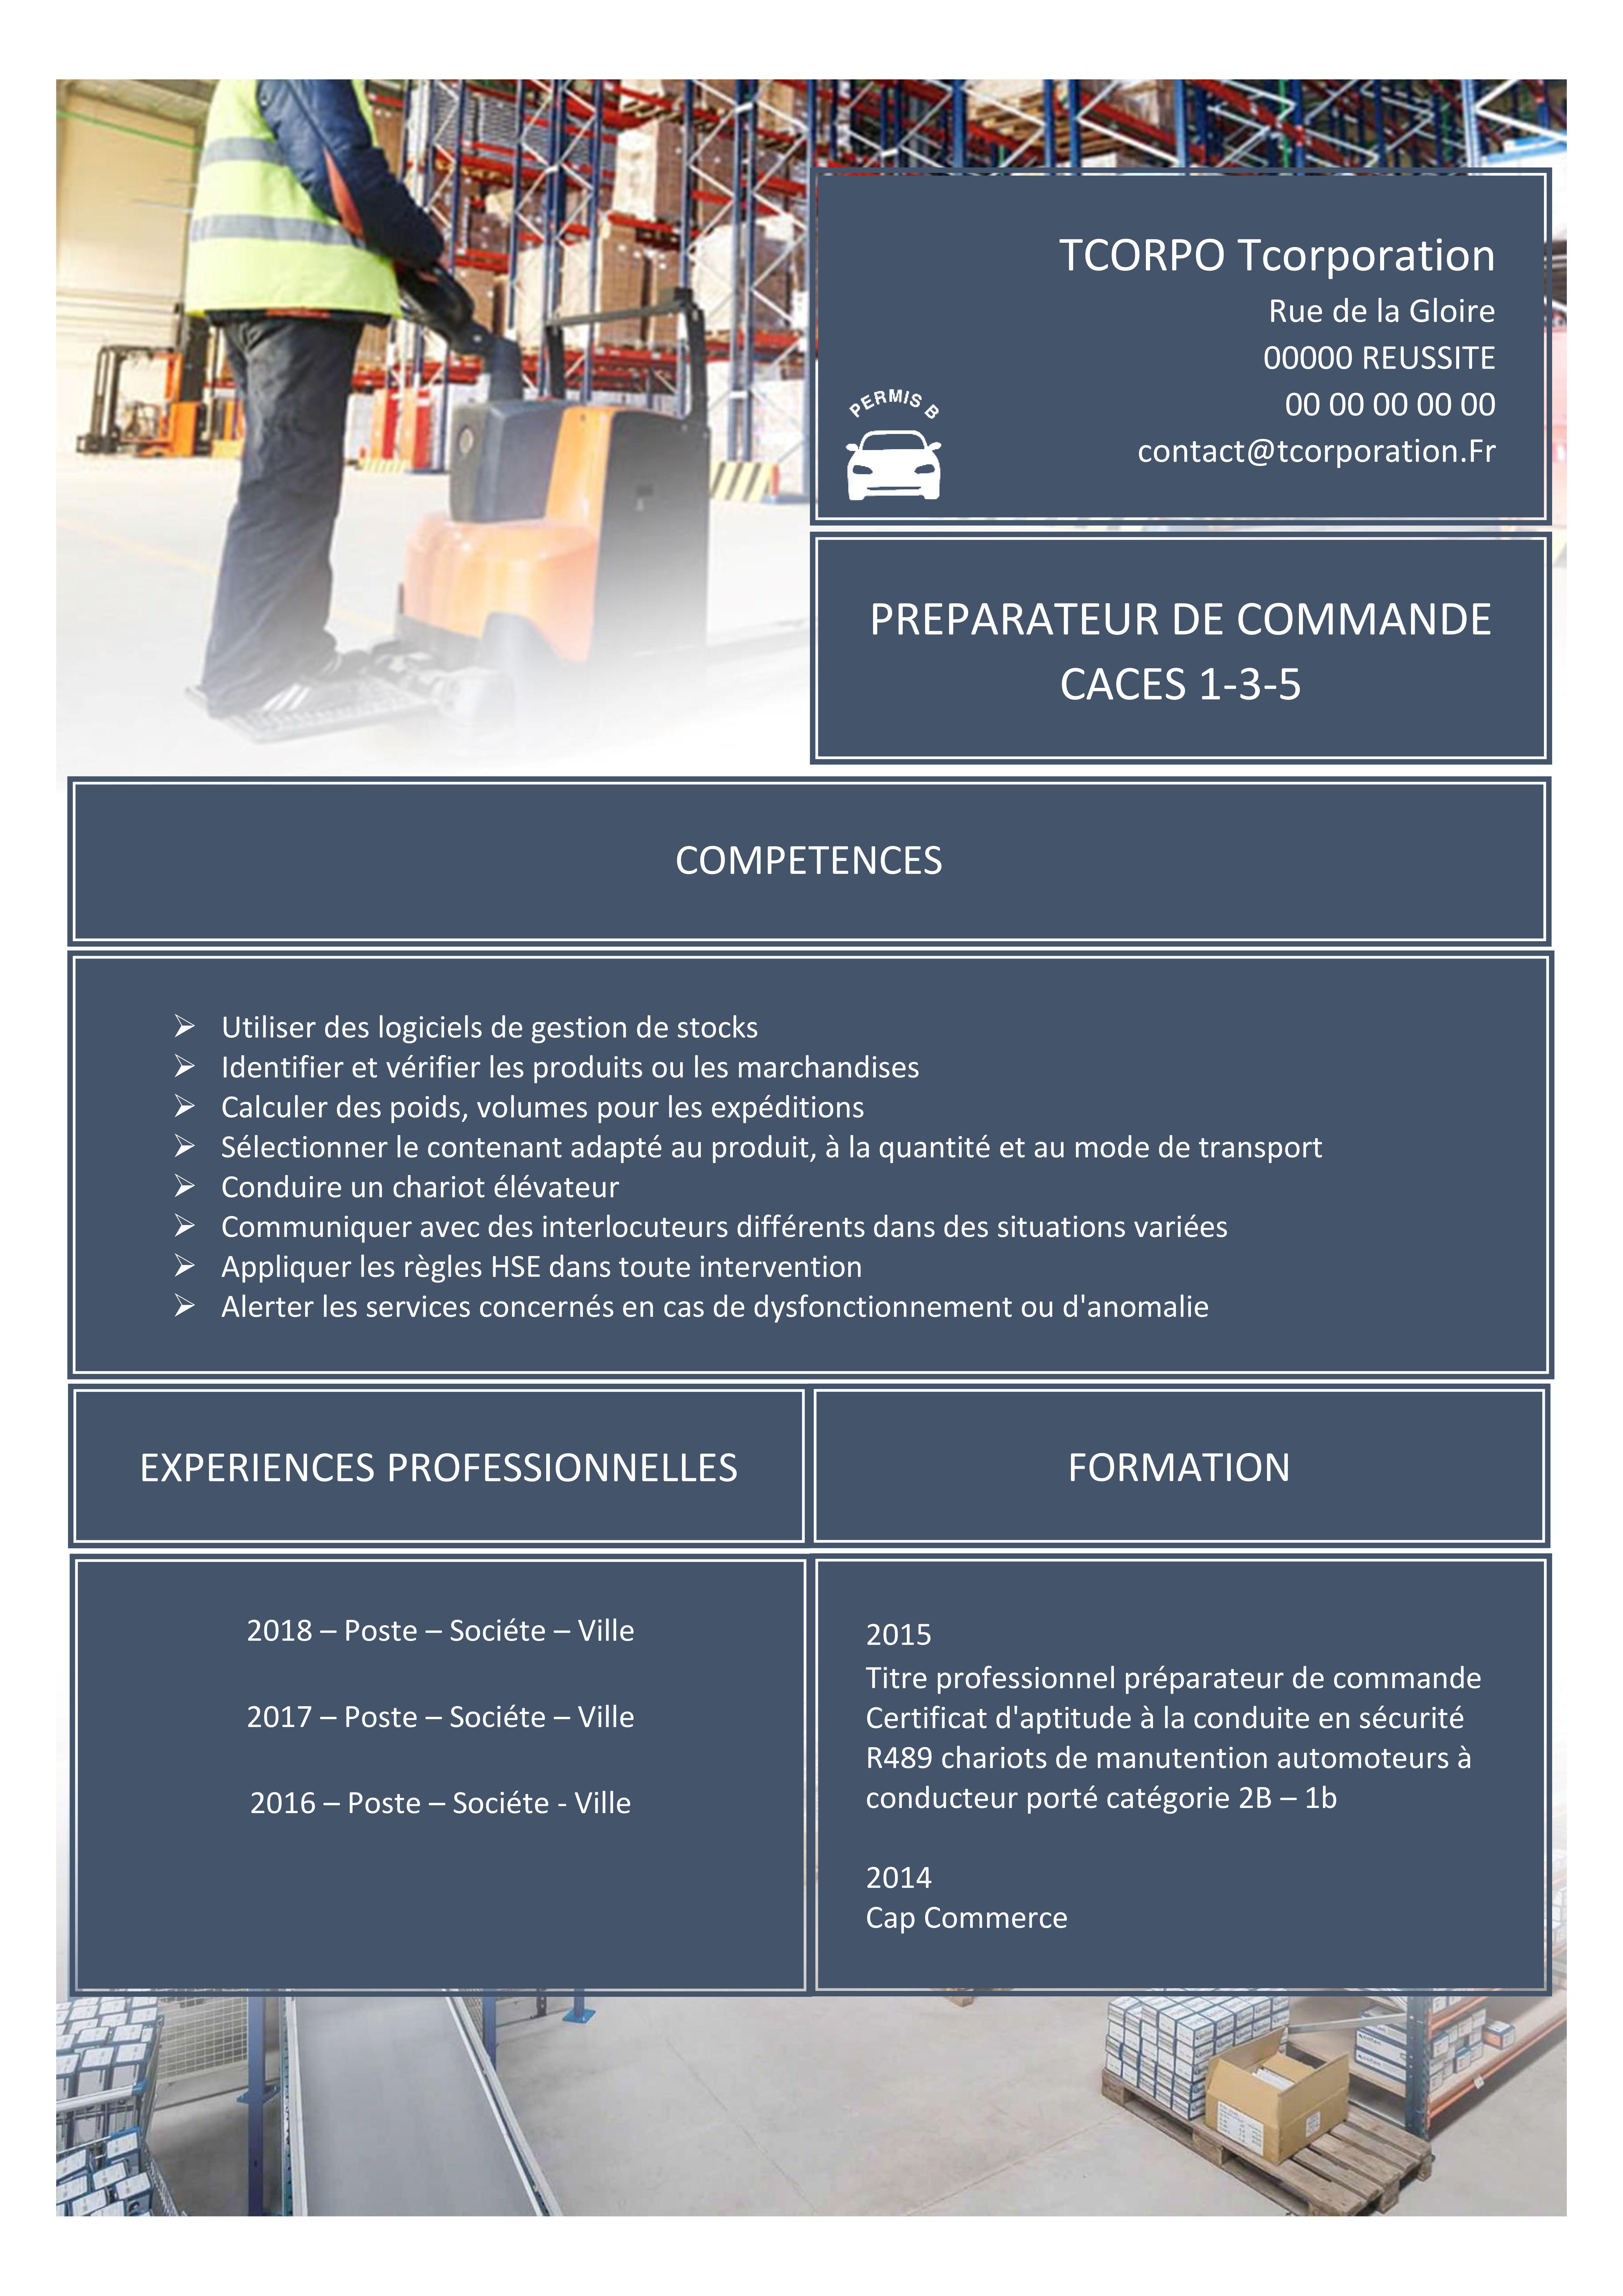 Preparateur De Commande Cv Experiences Professionnelles Formations Competences Logiciel De Gestion Microsoft Office 365 Microsoft Office